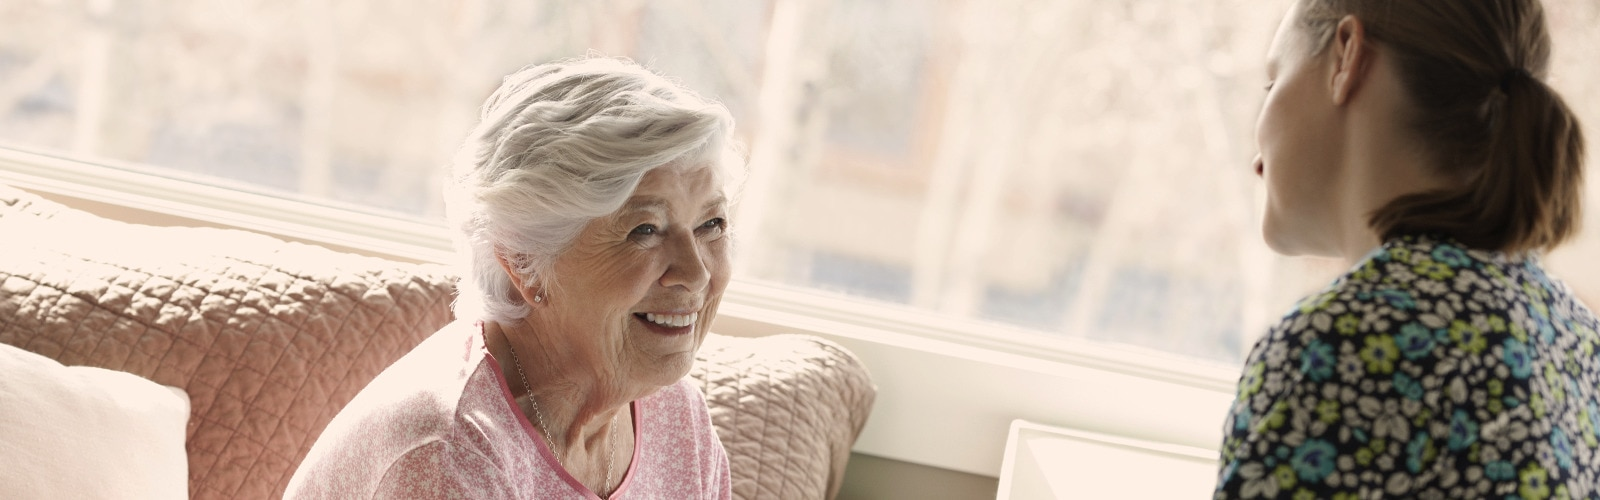 Mladšia žena a staršia žena sa rozprávajú – zistite viac o príčinách inkontinencie